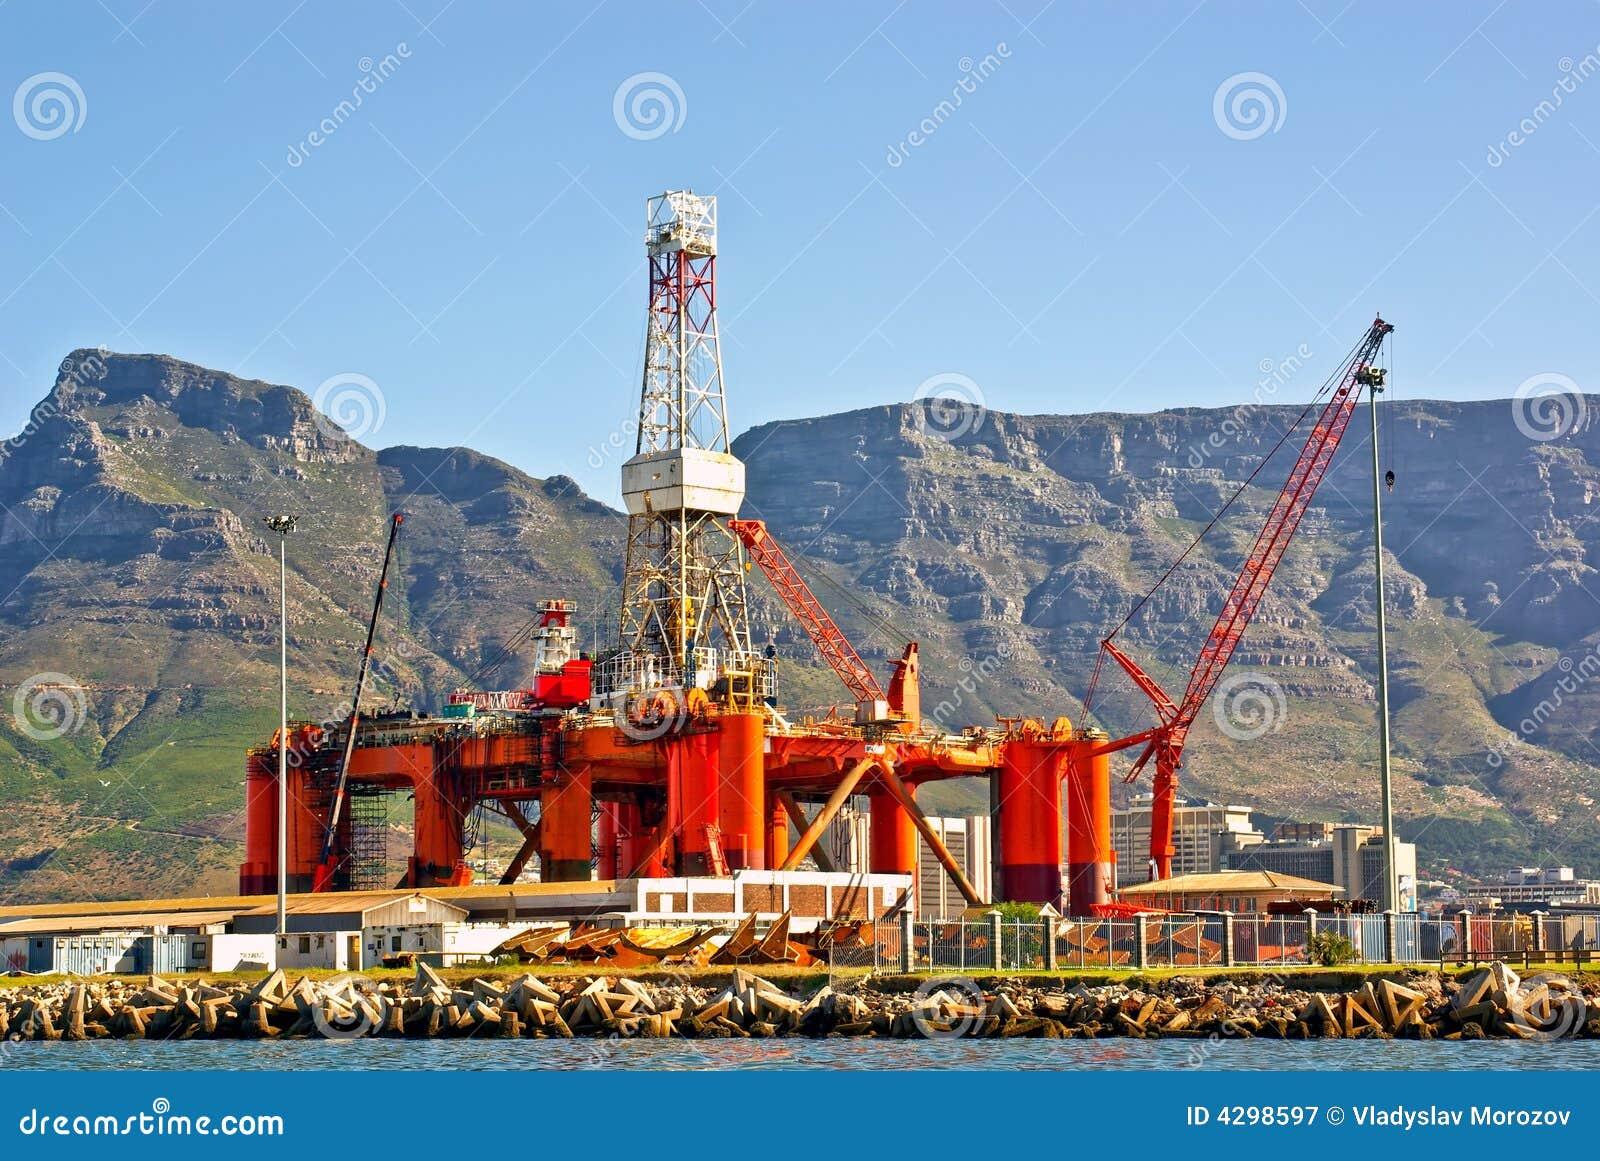 Oil rig in the ocean bay